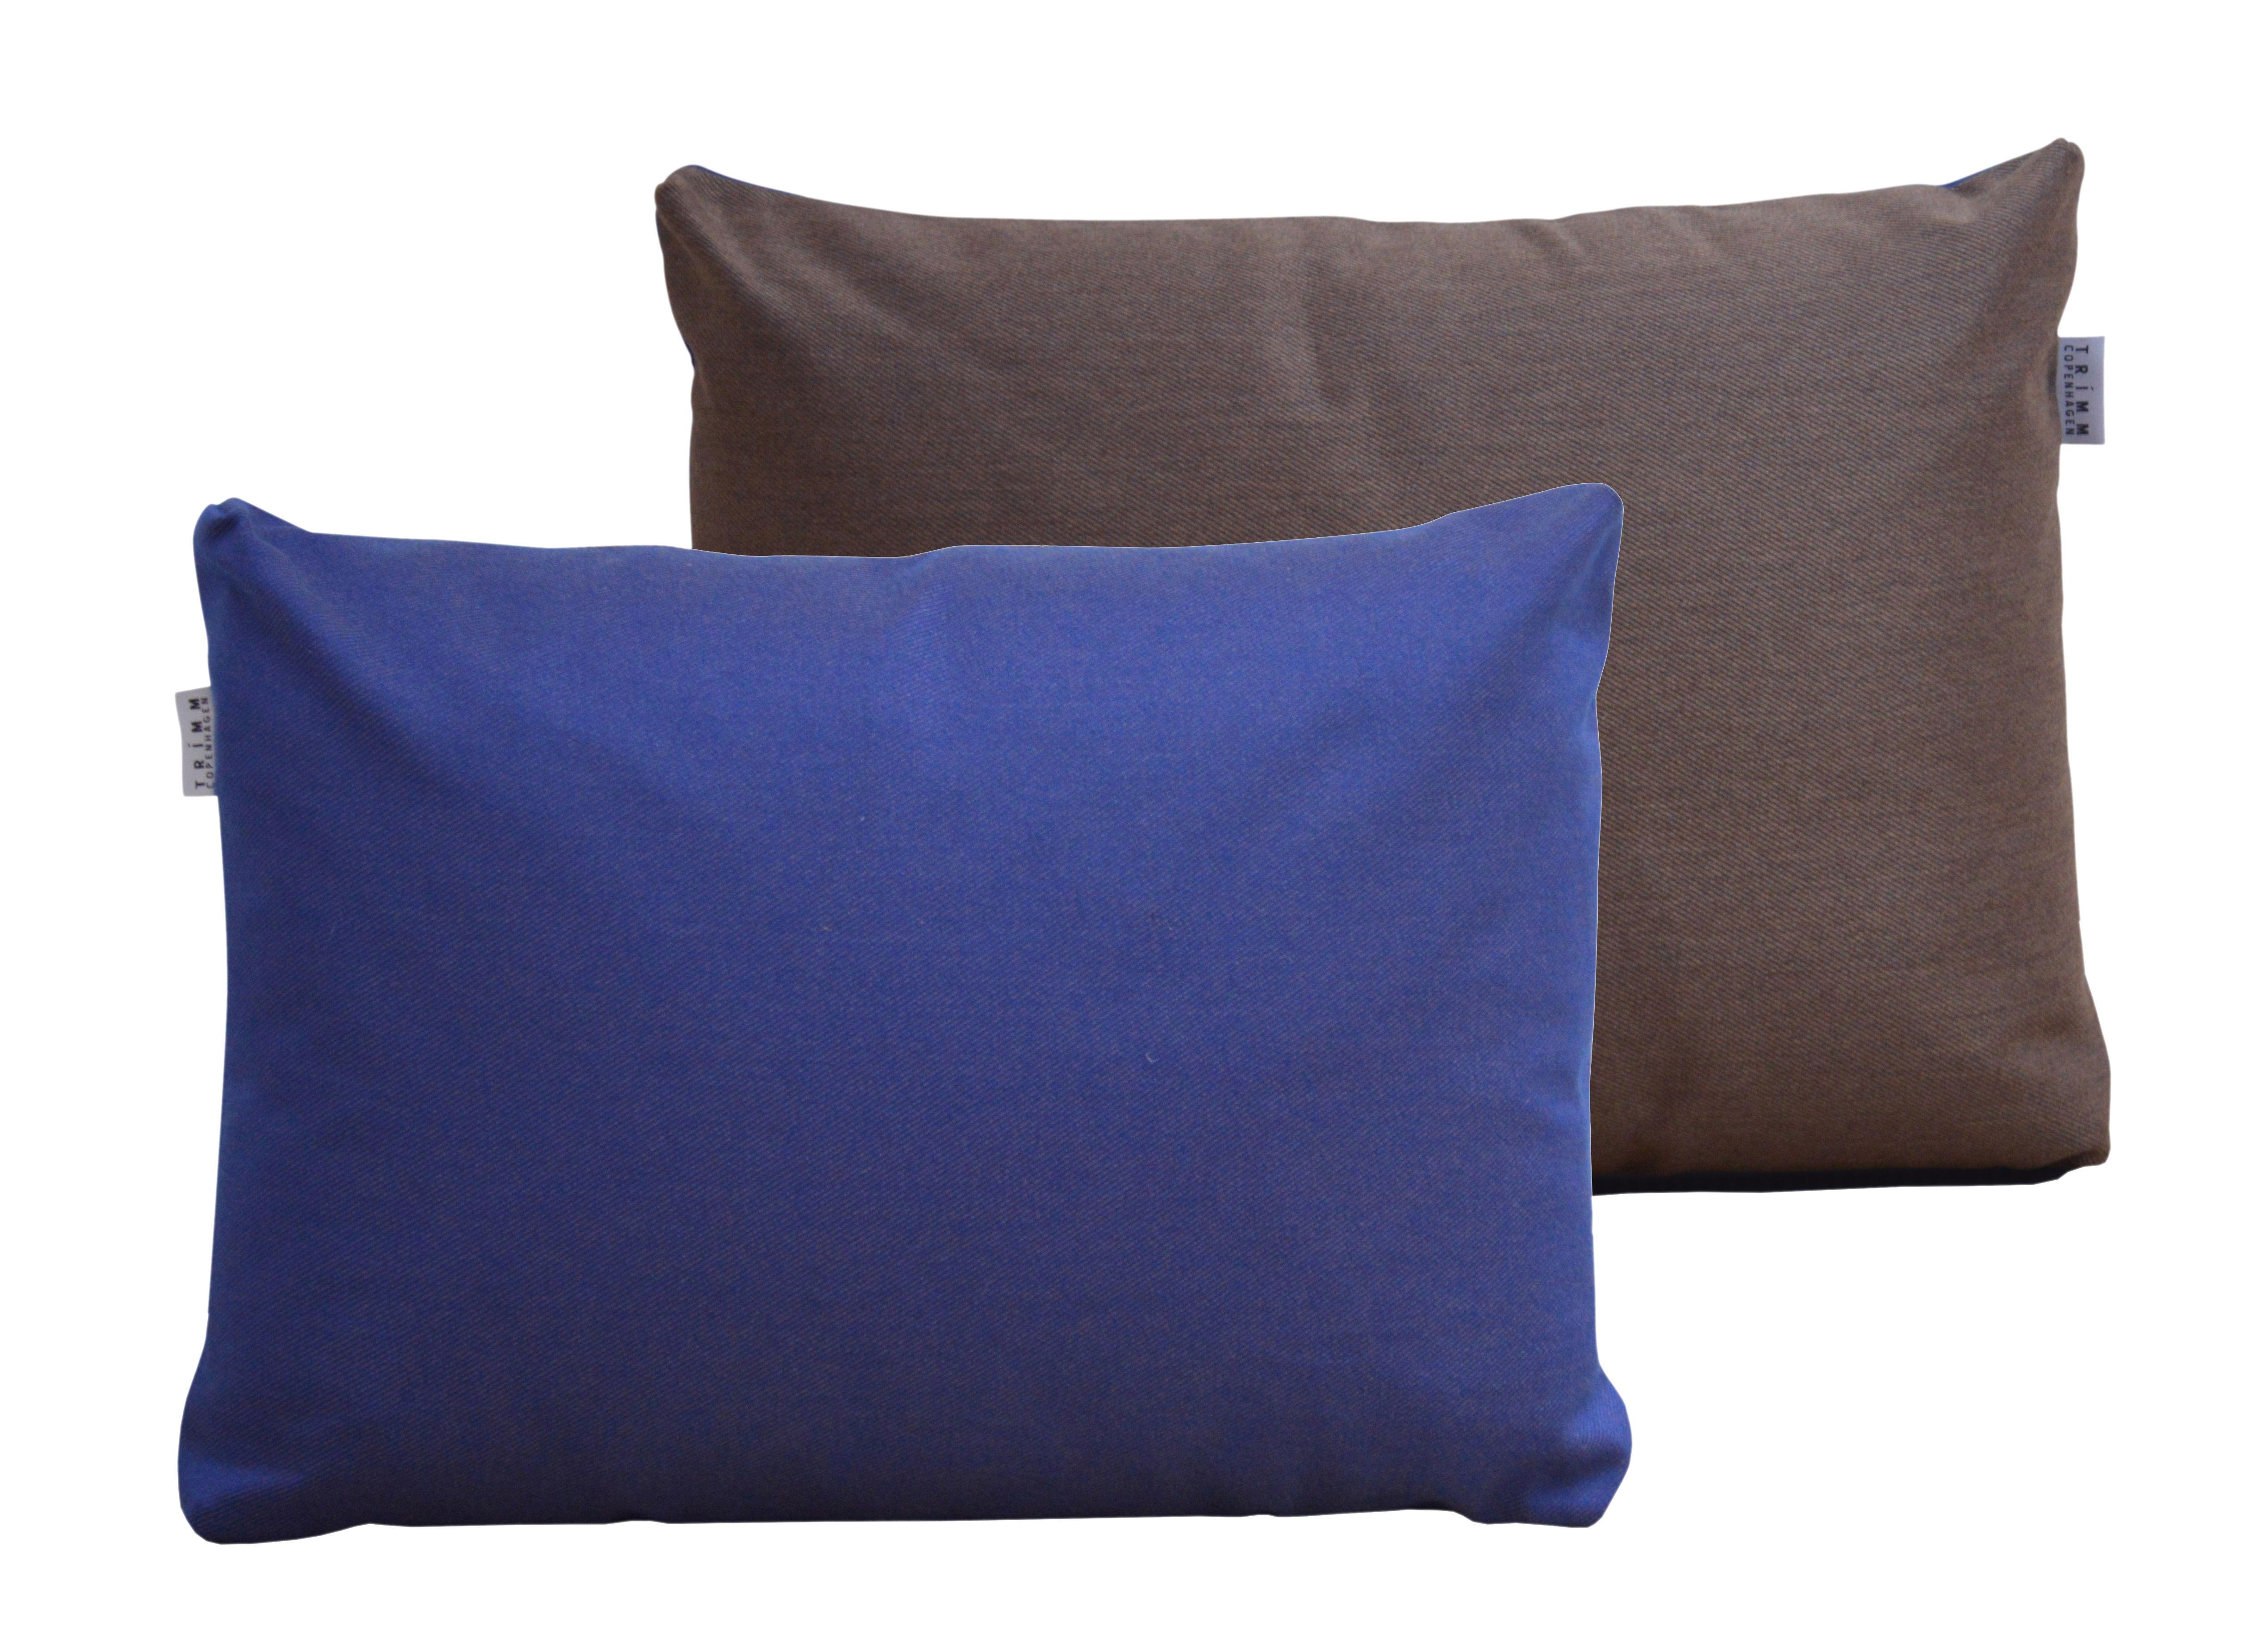 Mobilier - Poufs - Coussin Duo / 60 x 45 cm - Trimm Copenhagen - Bleu nuit / Chocolat - Mousse polyester, Tissu Acrisol Twitell